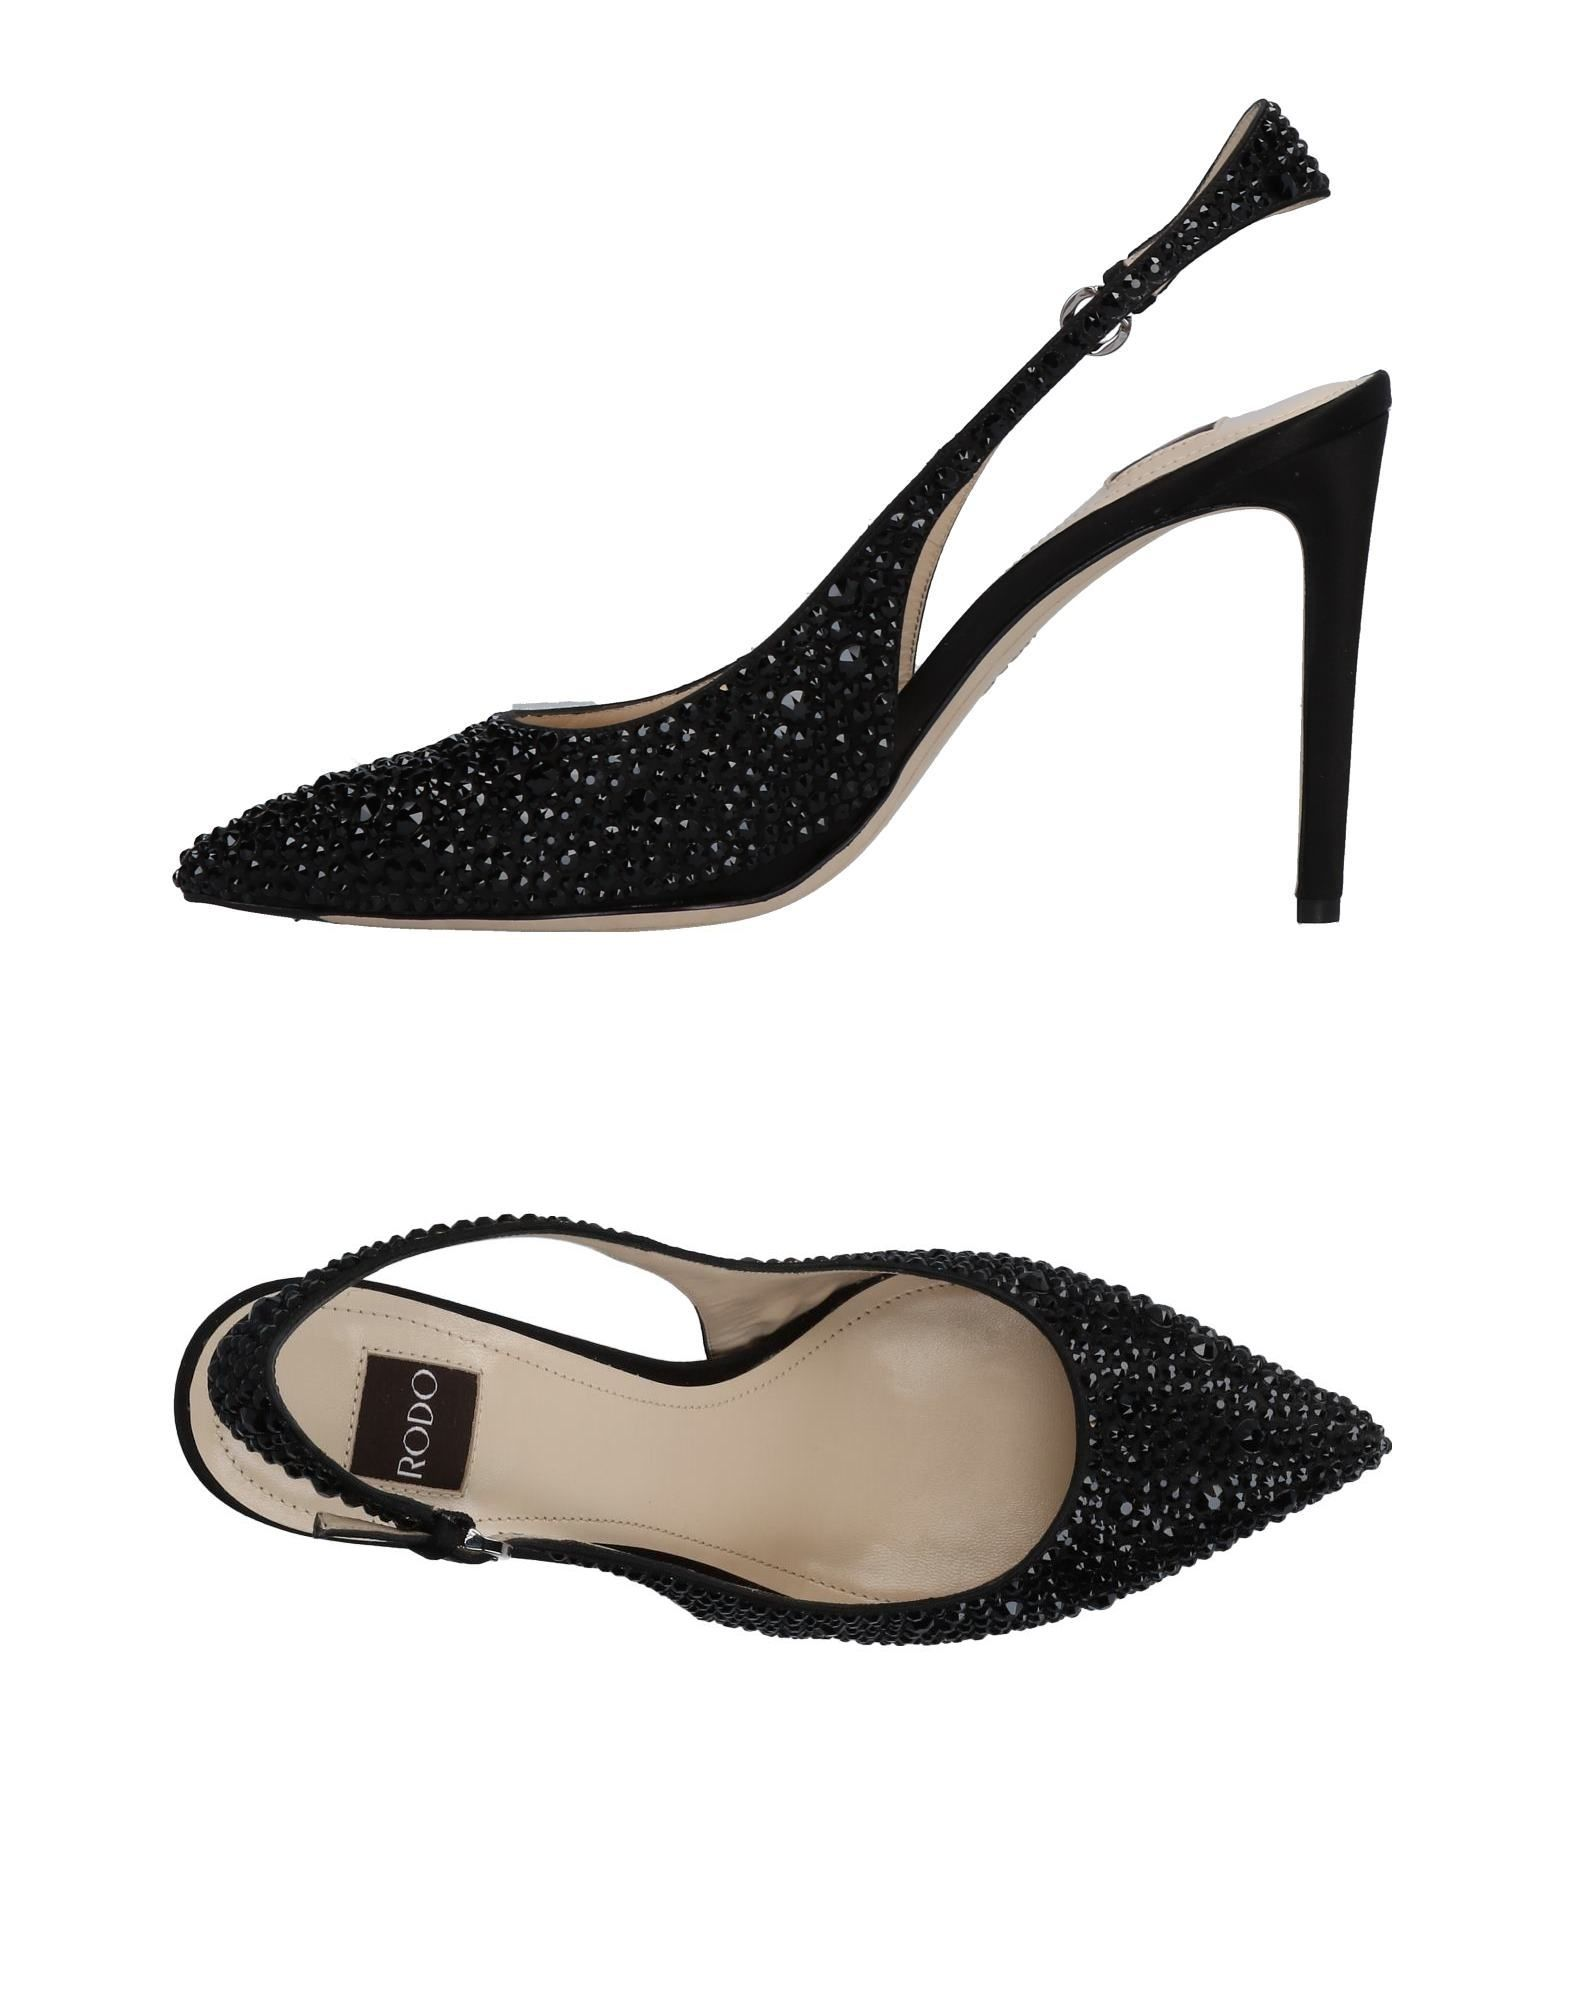 Rodo Pumps Damen Schuhe  11465268DOGut aussehende strapazierfähige Schuhe Damen 3a34d9